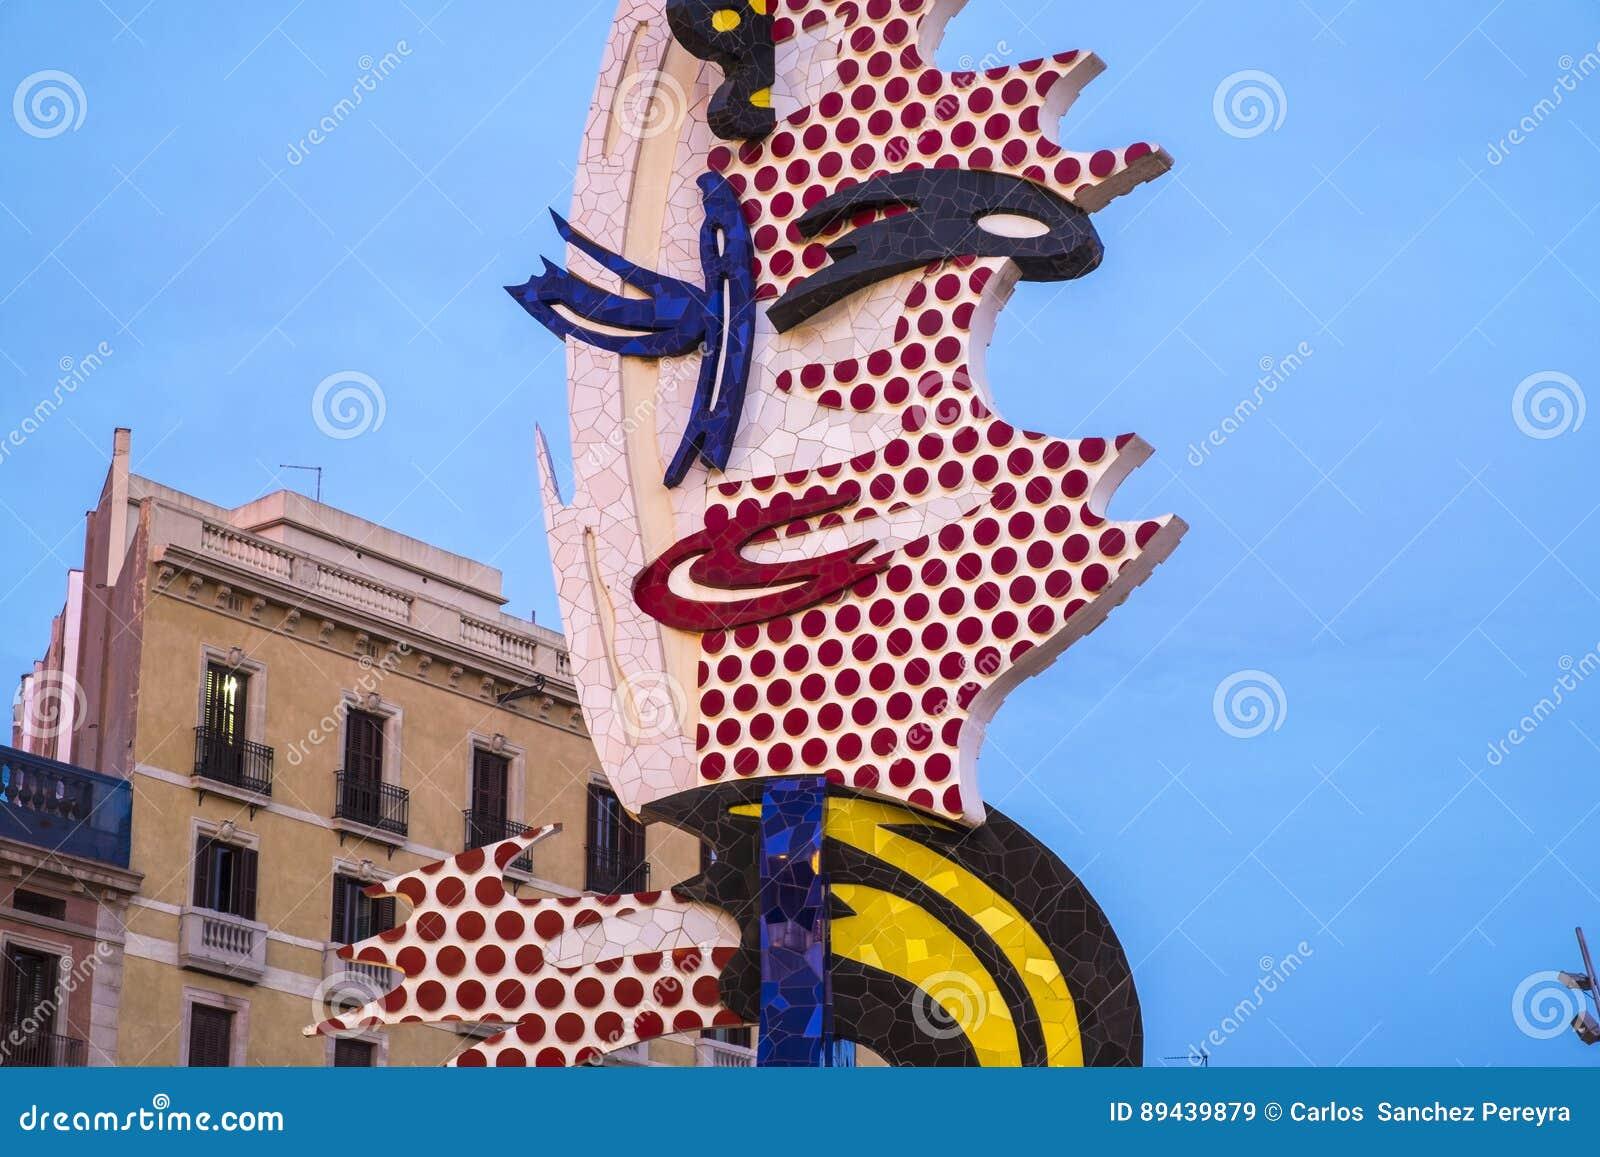 15bc19e4e1a El Cap De Barcelona Or La Cabeza De Barcelona Sculpture Of Roy L ...